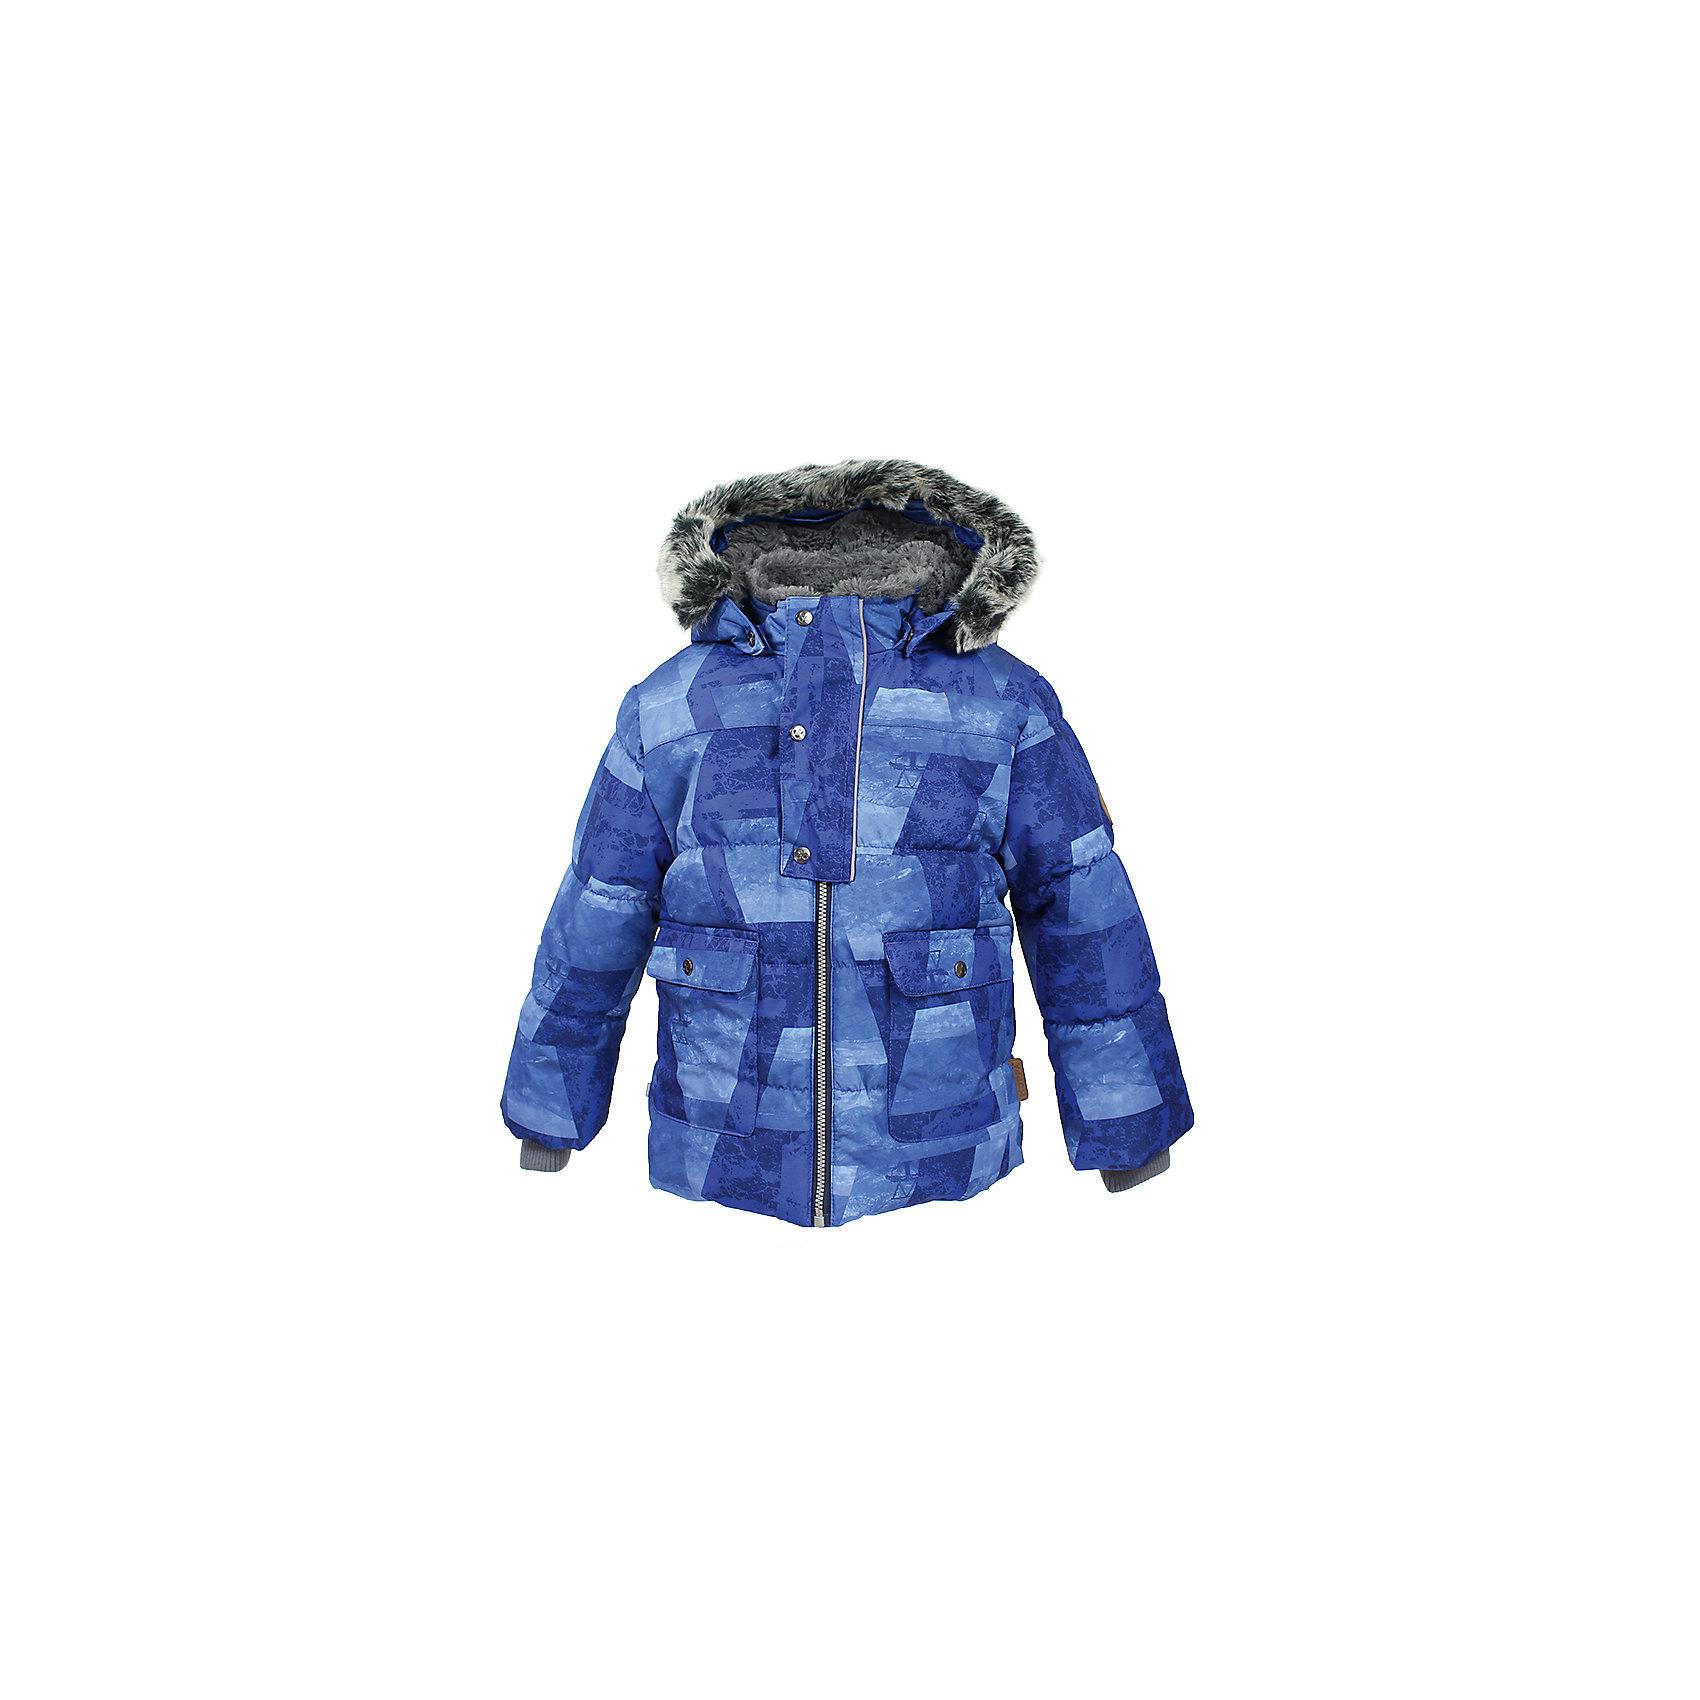 Куртка OLIVER Huppa для мальчикаВерхняя одежда<br>Характеристики товара:<br><br>• модель: Oliver;<br>• цвет: синий;<br>• пол: мальчик;<br>• состав: 100% полиэстер;<br>• утеплитель: полиэстер,300 гр.;<br>• подкладка: Teddy Fur, тафта,полиэстер;<br>• сезон: зима;<br>• температурный режим: от -5 до - 30С;<br>• водонепроницаемость: 10000 мм;<br>• воздухопроницаемость: 10000 г/м2/24ч;<br>• особенности модели: с рисунком,с мехом на капюшоне;<br>• защита подбородка от защемления;<br>• мягкая меховая подкладка;<br>• капюшон крепится на кнопки и, при необходимости, отстегивается;<br>• искусственный мех на капюшоне съемный;<br>• спереди расположены два накладныхкармана, с клапанами на кнопках;<br>• светоотражающие элементы для безопасности ребенка;<br>•  трикотажные манжеты; <br>• страна бренда: Финляндия;<br>• страна изготовитель: Эстония.<br><br>Куртка Oliver  для мальчика изготовлена из водо и ветронепроницаемого, грязеотталкивающего материала. В зимней куртке Oliver  300 грамм утеплителя, которые обеспечат тепло и комфорт ребенку при температуре от -5 до -30 градусов.Подкладка —Teddy Fur,тафта.<br><br>Куртка с капюшоном застегивается на застежку-молнию и кнопки. Капюшон отстегивается с помощью кнопок, мех отстегивается. Рукава с трикотажными манжетами. У модели имеются два накладных кармана с клапанами на кнопках. Изделие дополнено светоотражающими элементами.<br><br>Куртку Oliver для мальчика бренда HUPPA  можно купить в нашем интернет-магазине.<br><br>Ширина мм: 356<br>Глубина мм: 10<br>Высота мм: 245<br>Вес г: 519<br>Цвет: синий<br>Возраст от месяцев: 72<br>Возраст до месяцев: 84<br>Пол: Мужской<br>Возраст: Детский<br>Размер: 122,74,80,86,92,98,104,110,116<br>SKU: 7024912